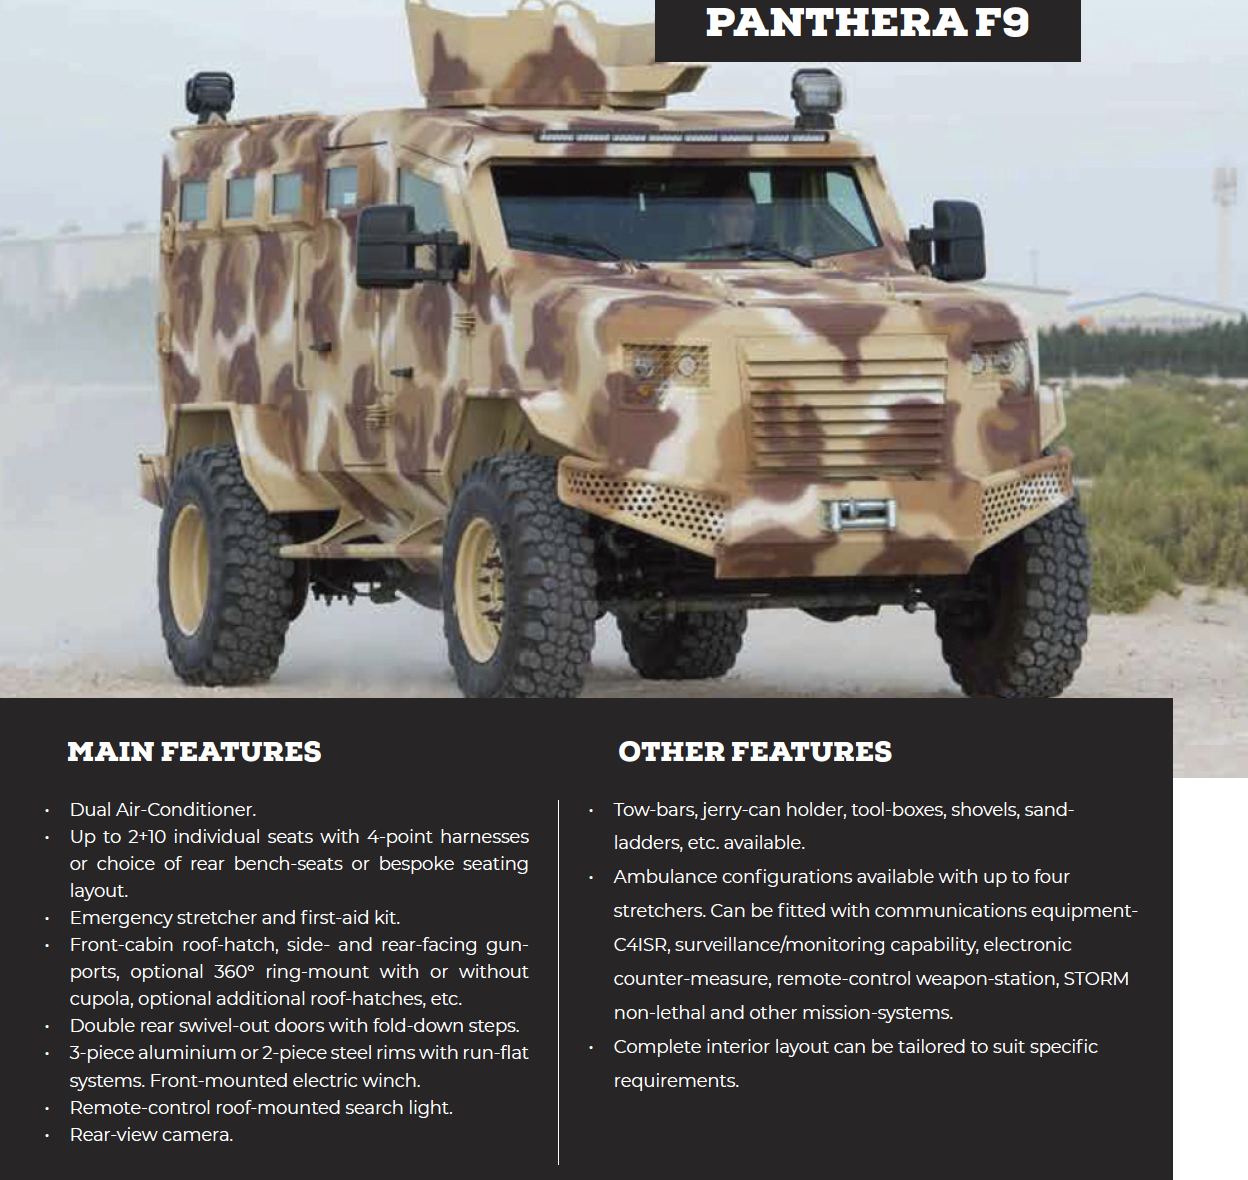 Panthera F9